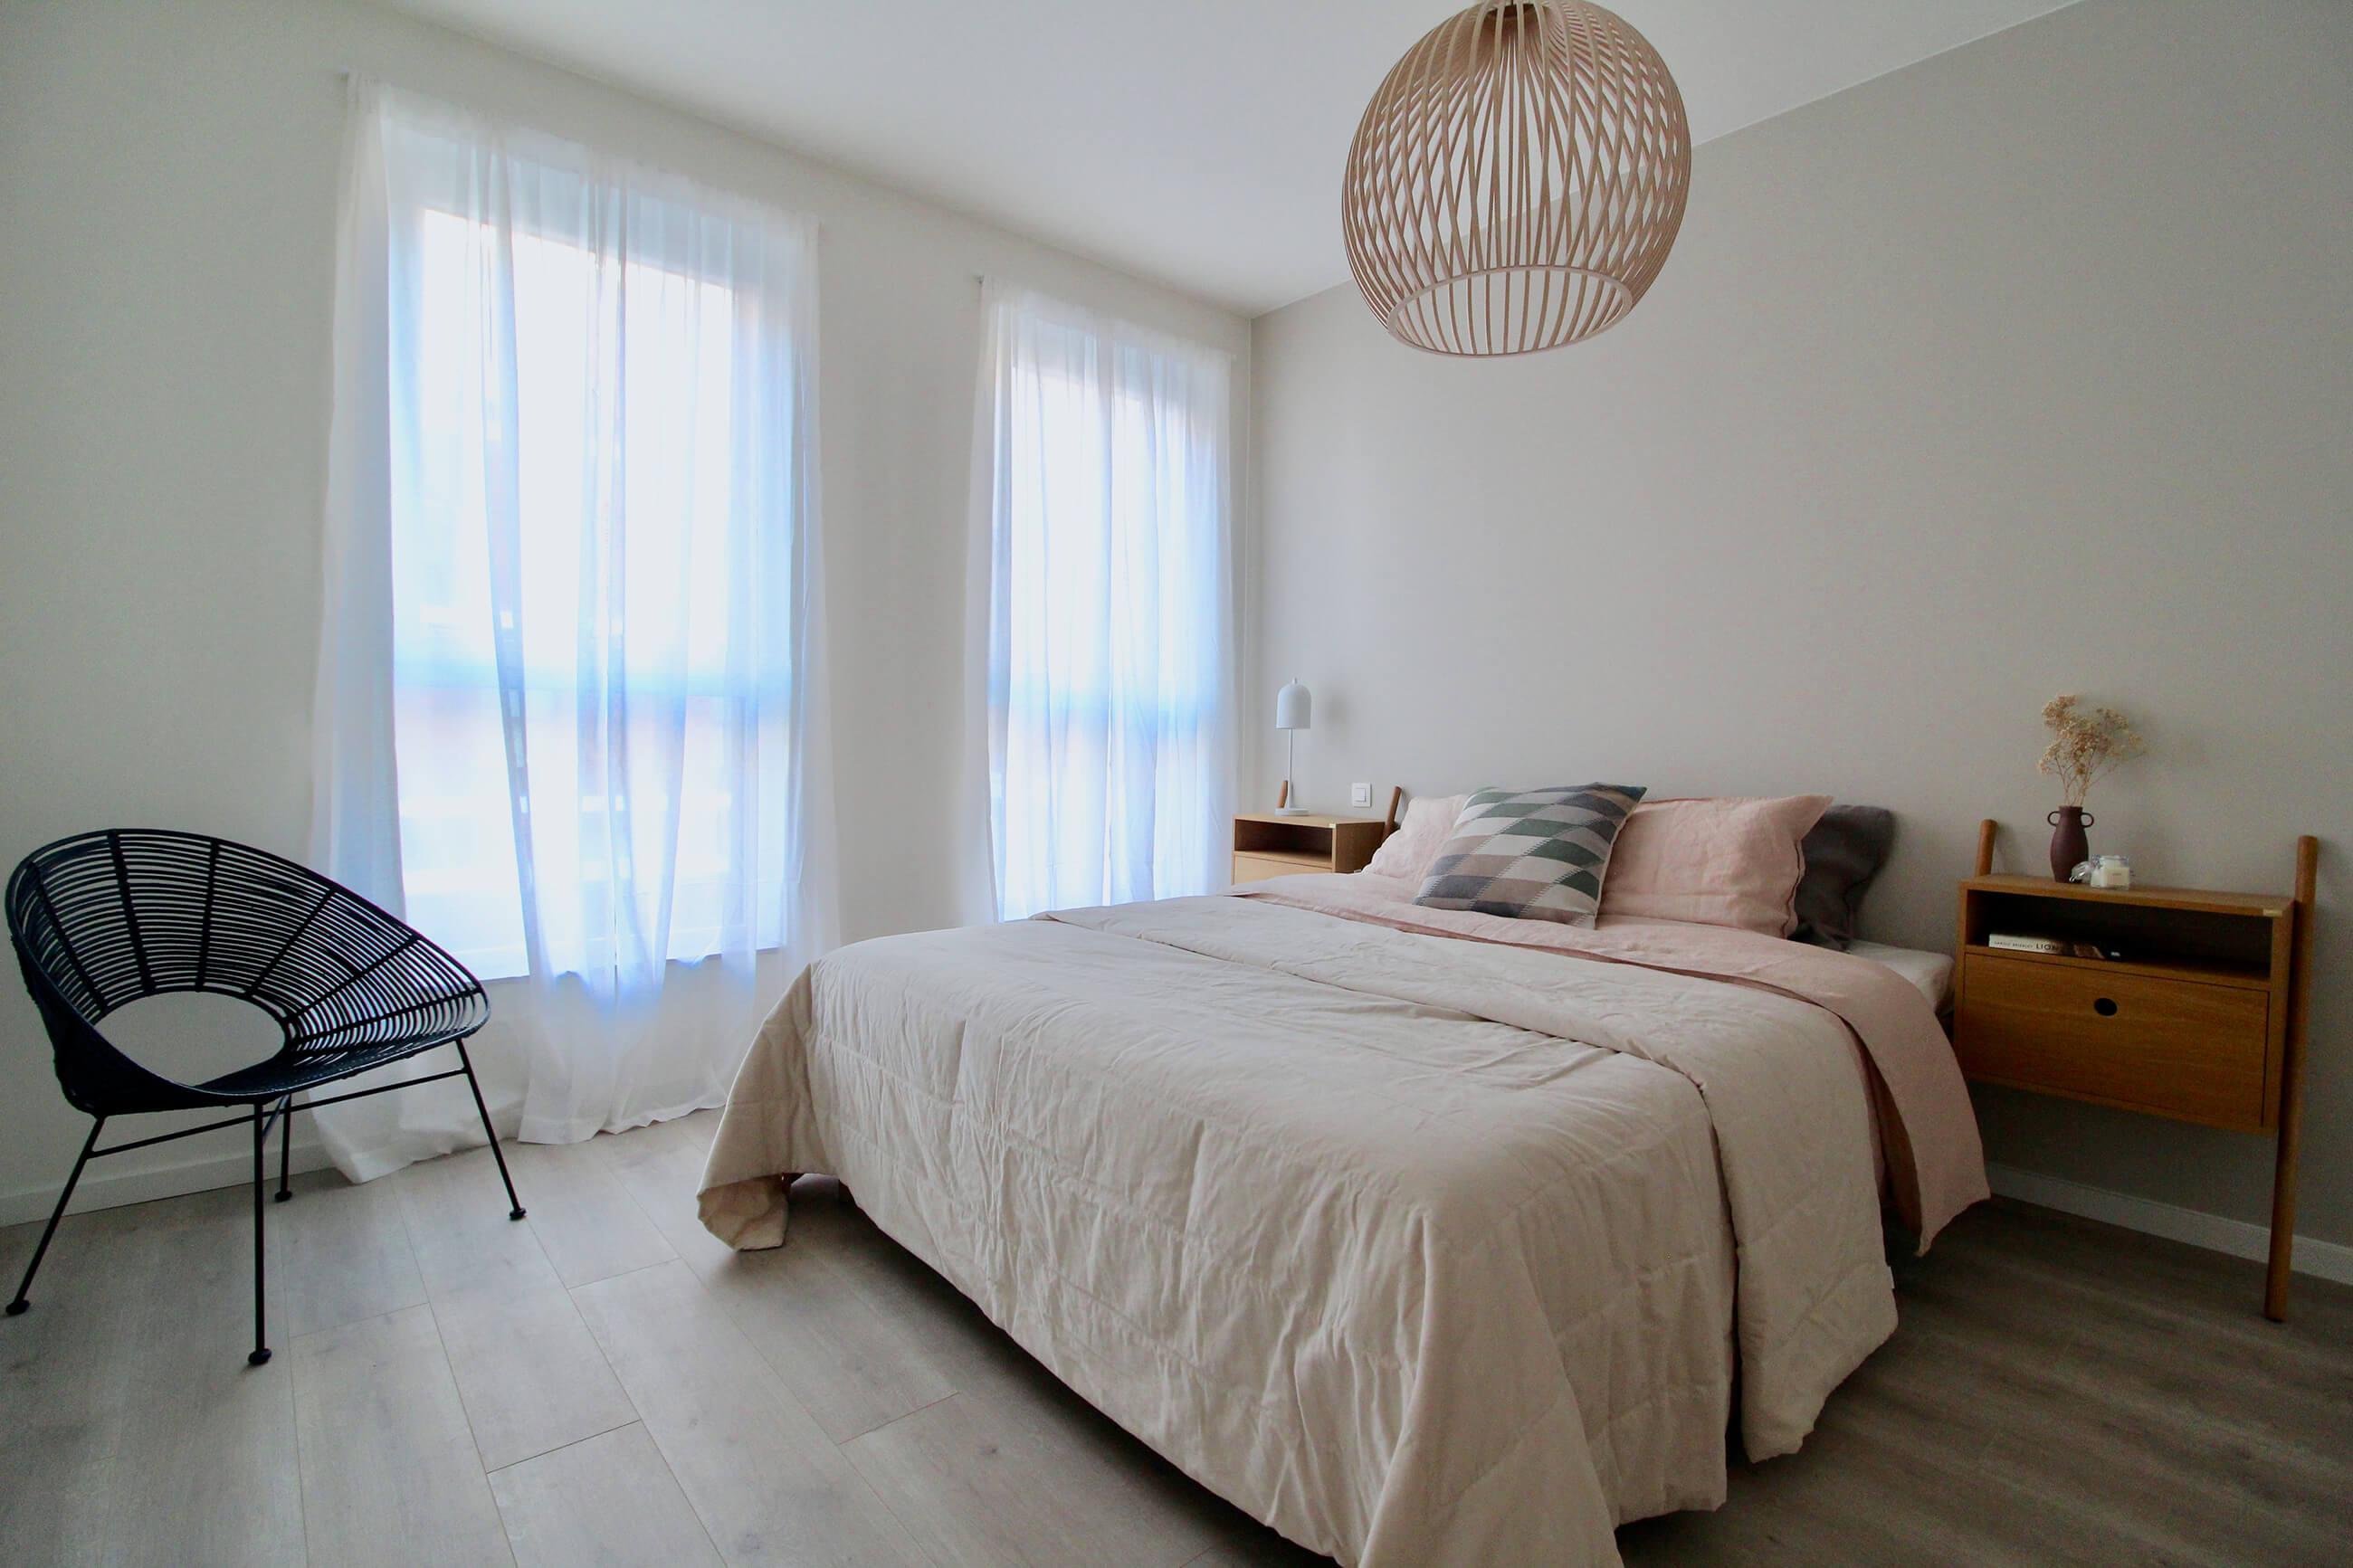 Een rustgevende slaapkamer met veel lichtinval in een nieuwbouwappartement van De Smedenpoort.